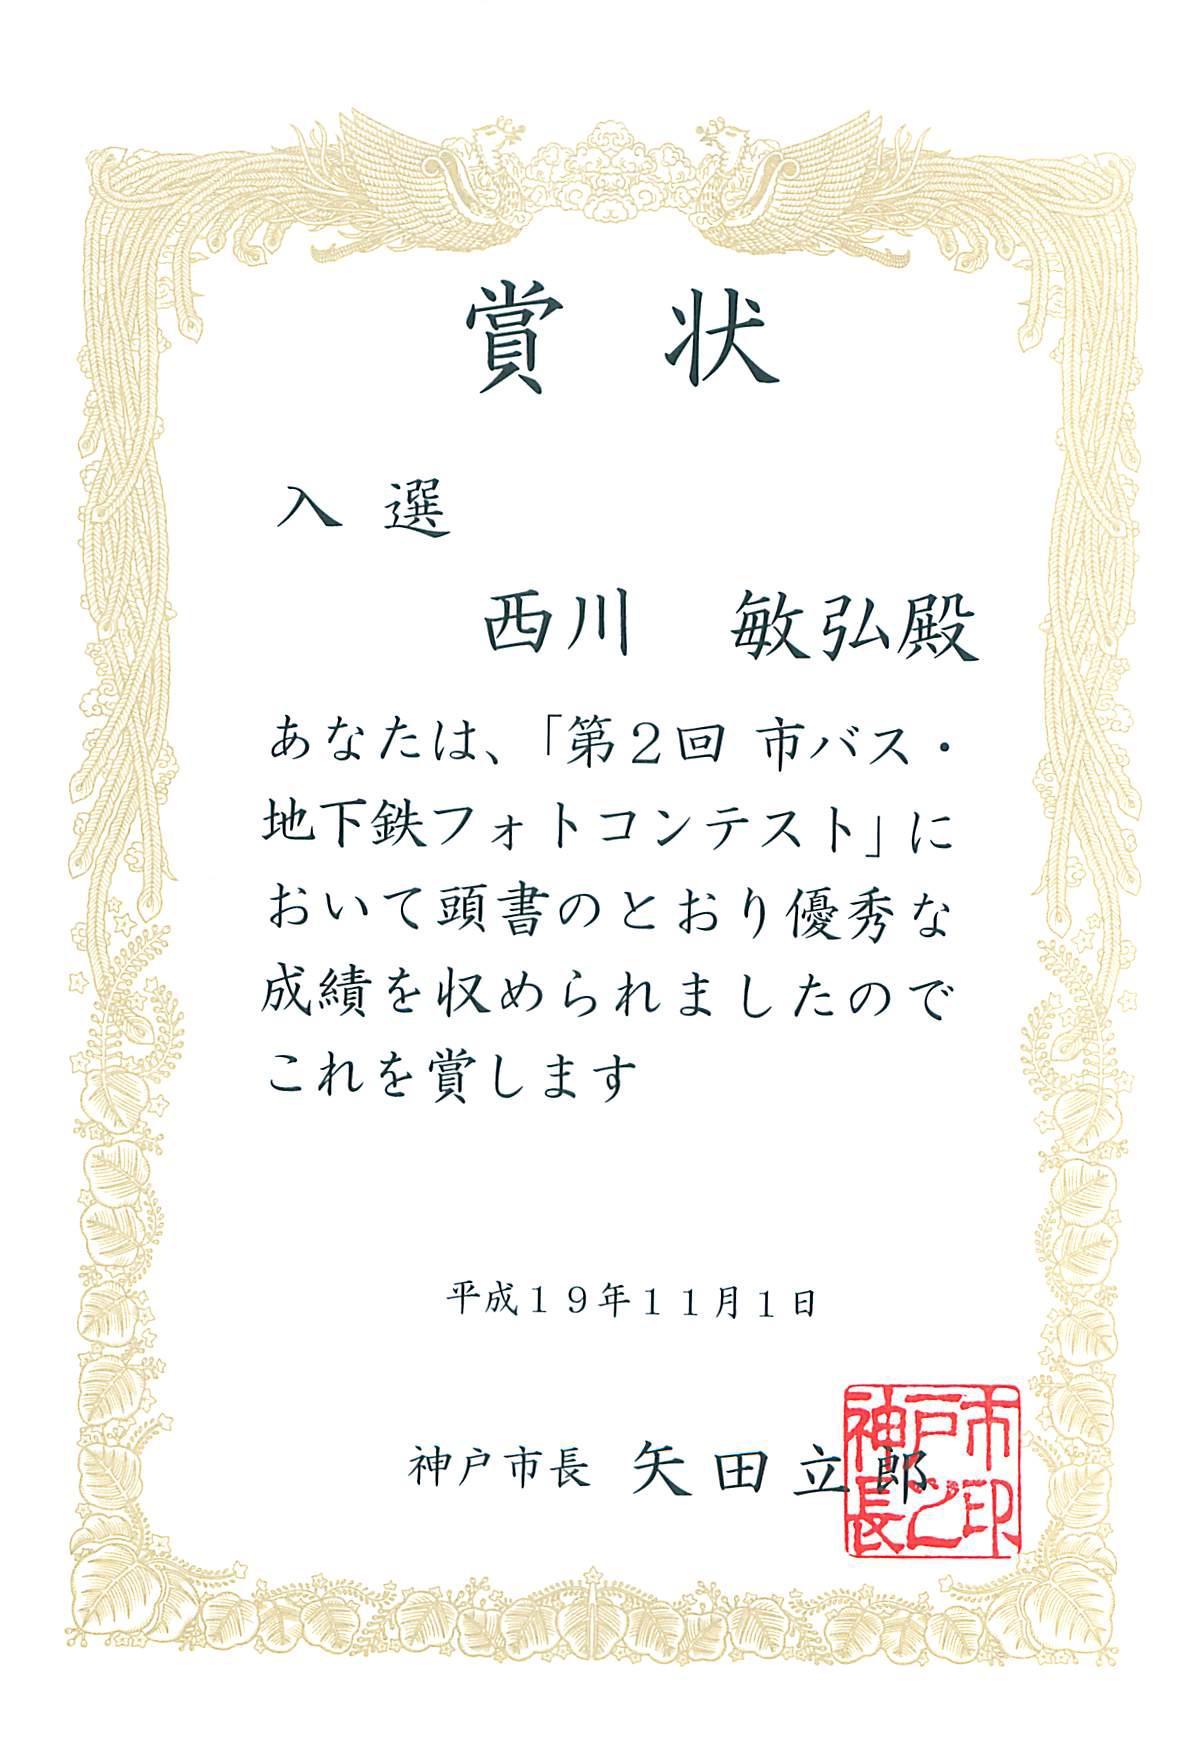 第2回 市バス・地下鉄フォトコンテスト 入選_a0288226_21285418.jpg